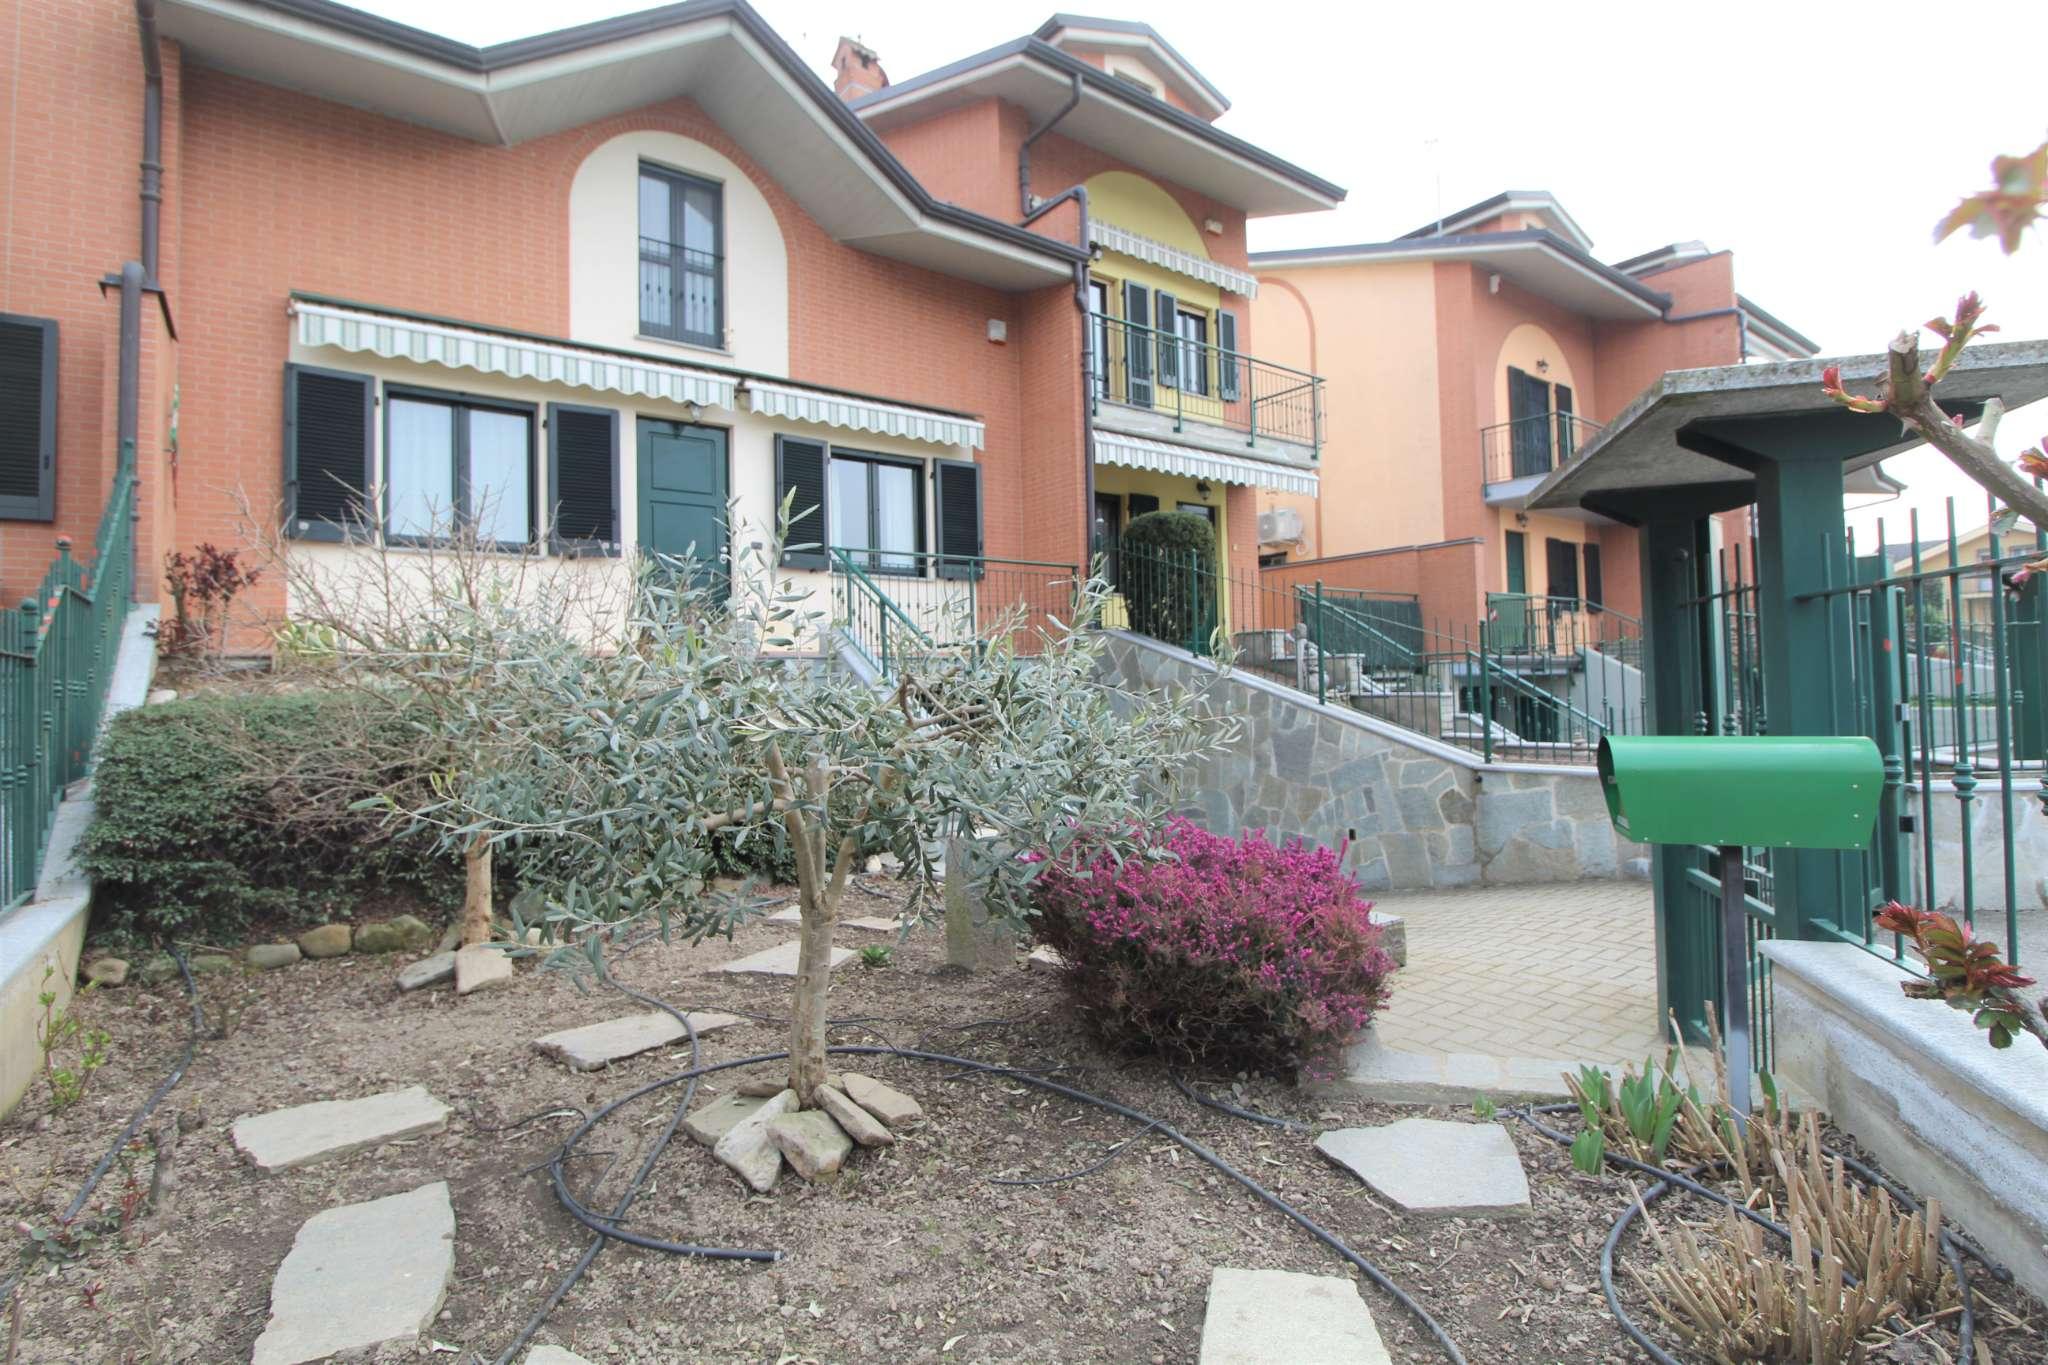 Villa in vendita a Candiolo, 5 locali, prezzo € 319.000 | CambioCasa.it